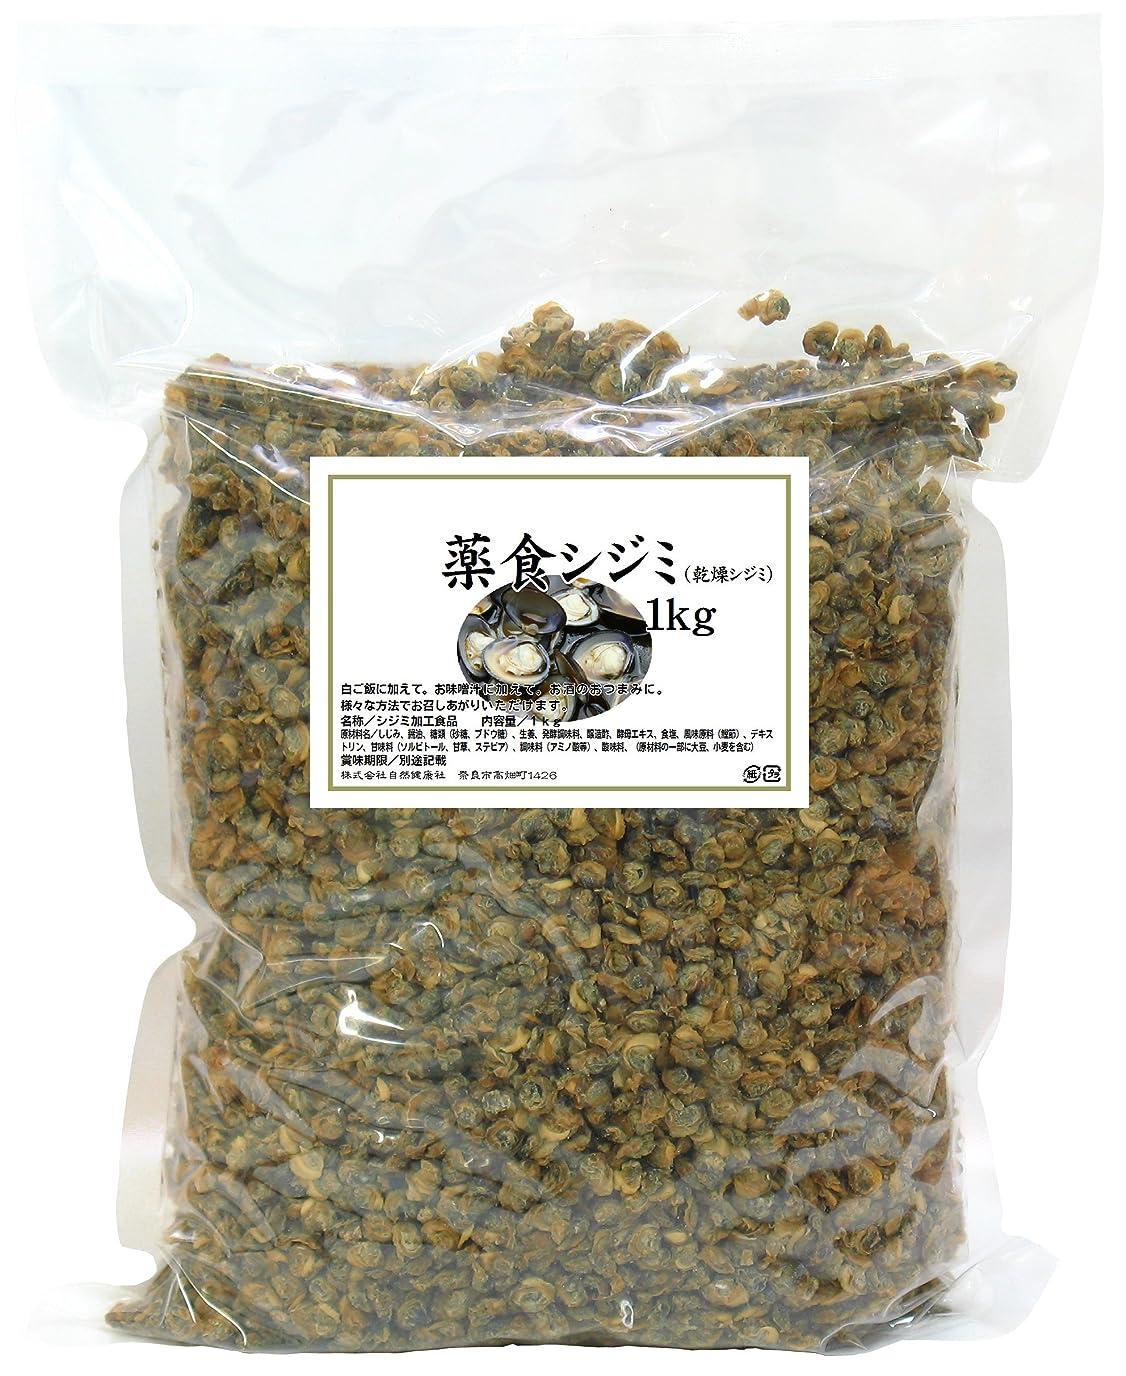 増幅たとえ不適乾燥シジミ1kg タウリン オルニチン 自然食品